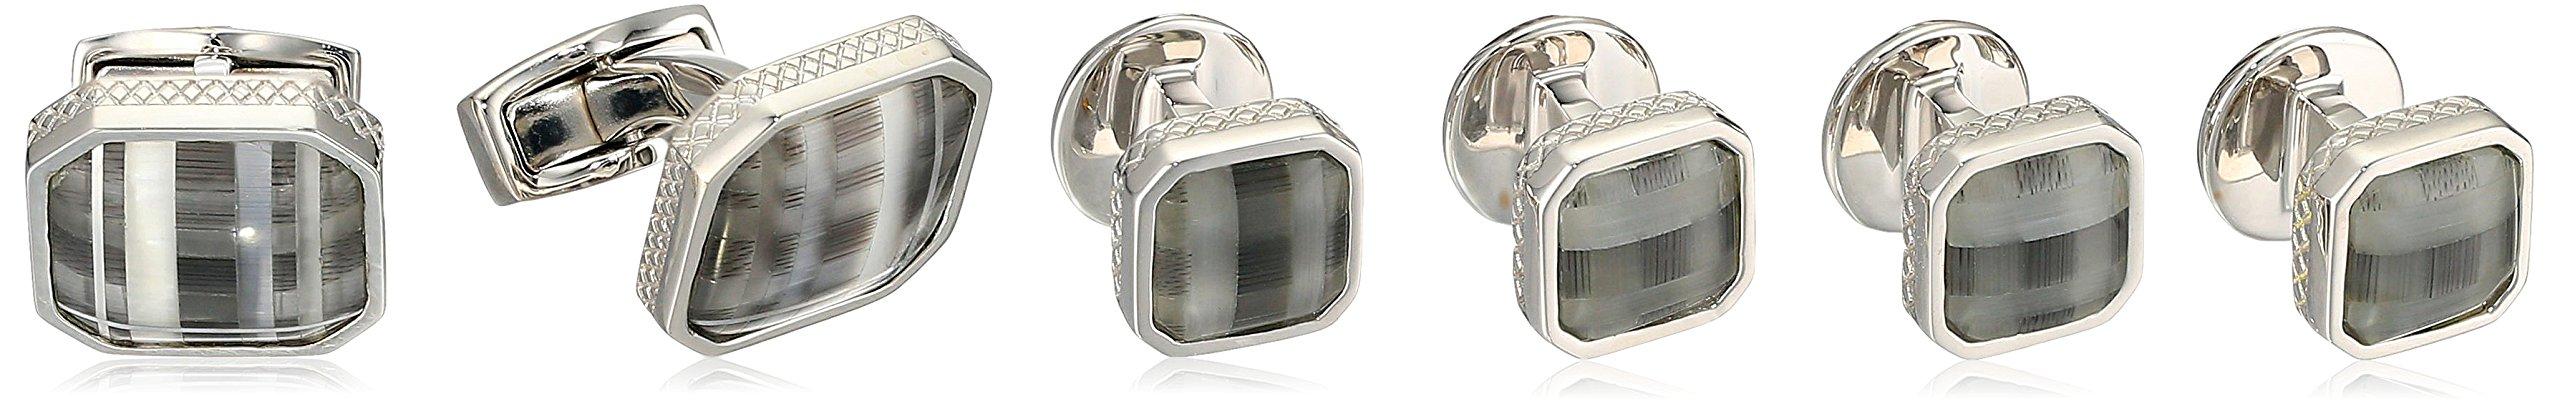 Tateossian Rhodium Fiber Optic Glass Black Square Tartan Shirt Stud